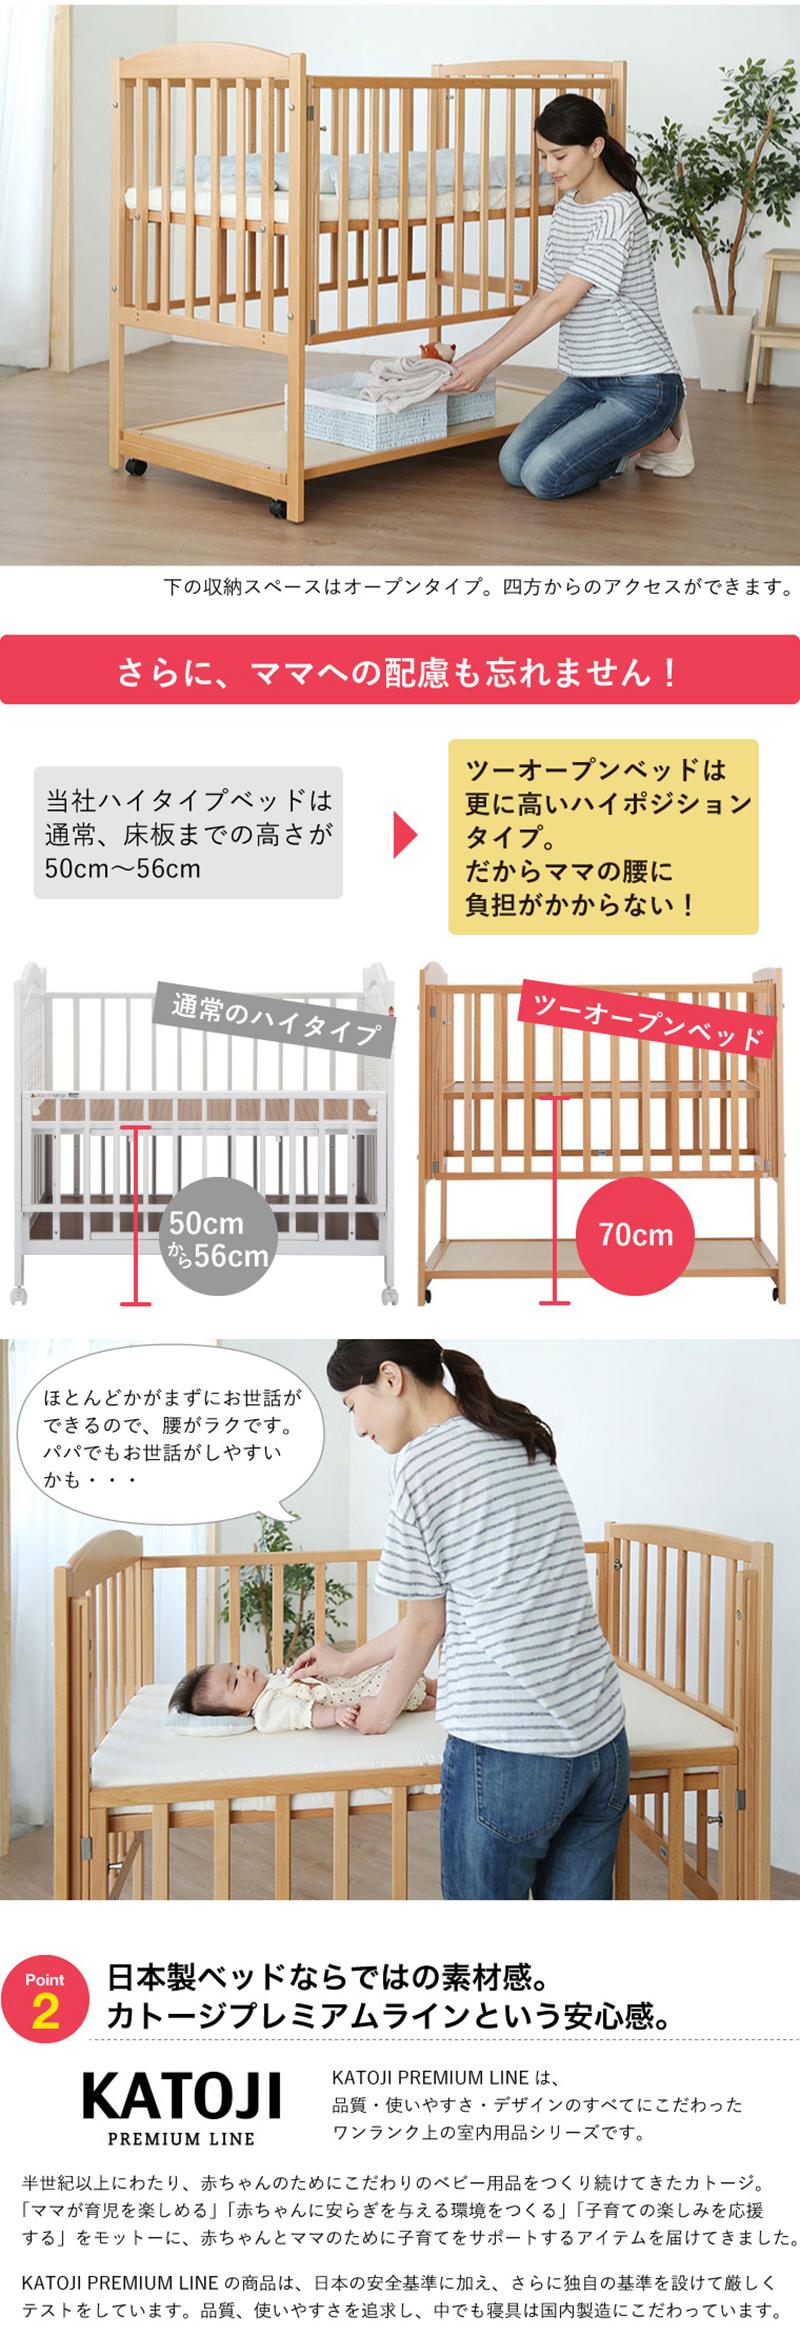 katoji-baby-bed-2.jpg